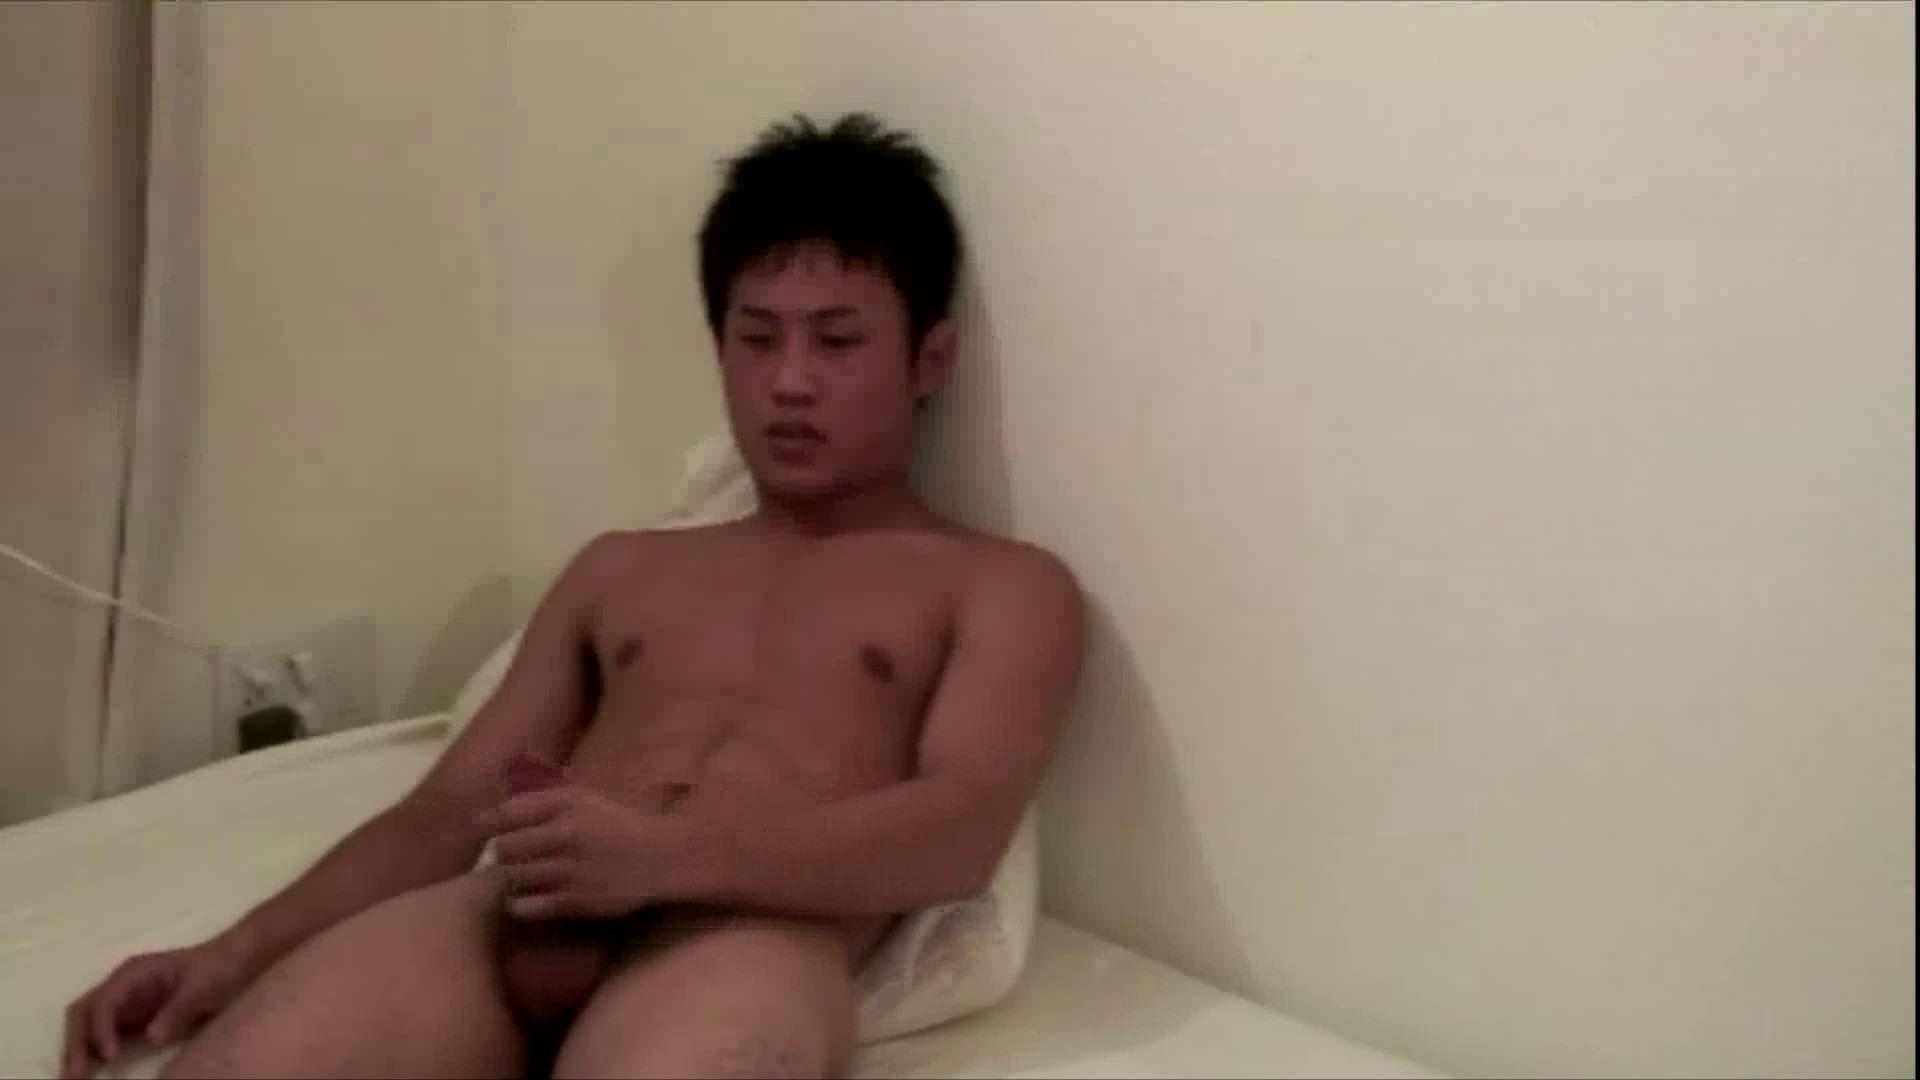 イカせ屋 Vol.11 イケメン特集  13枚 12